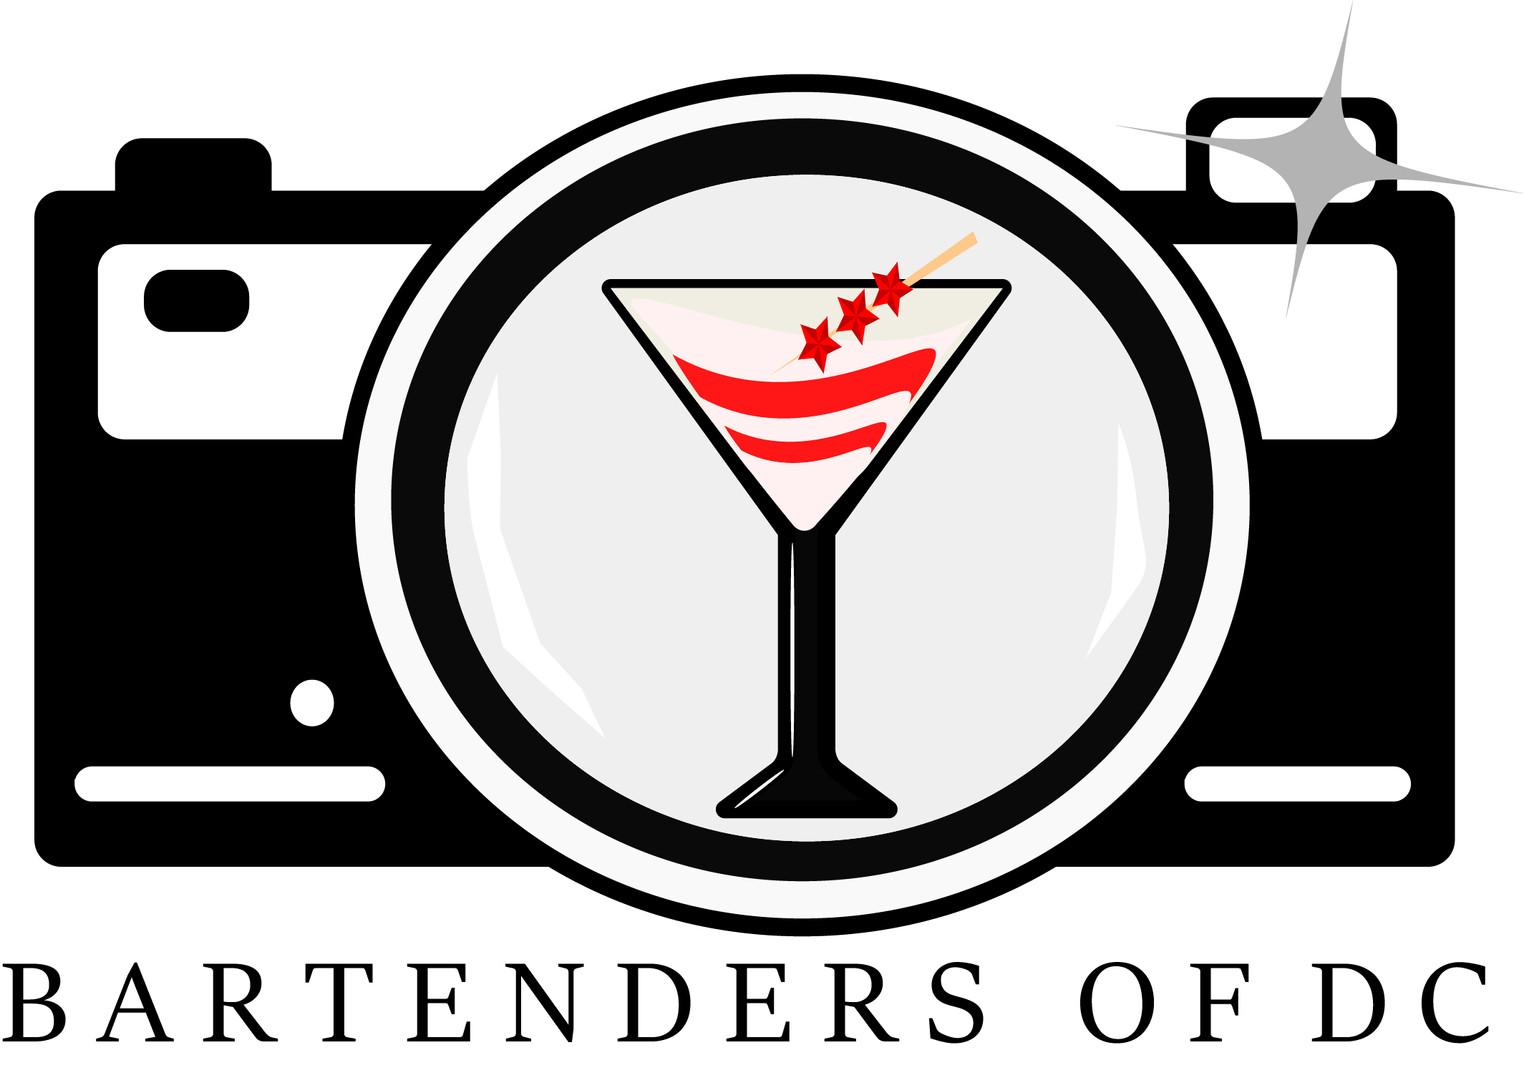 Bartenders of DC